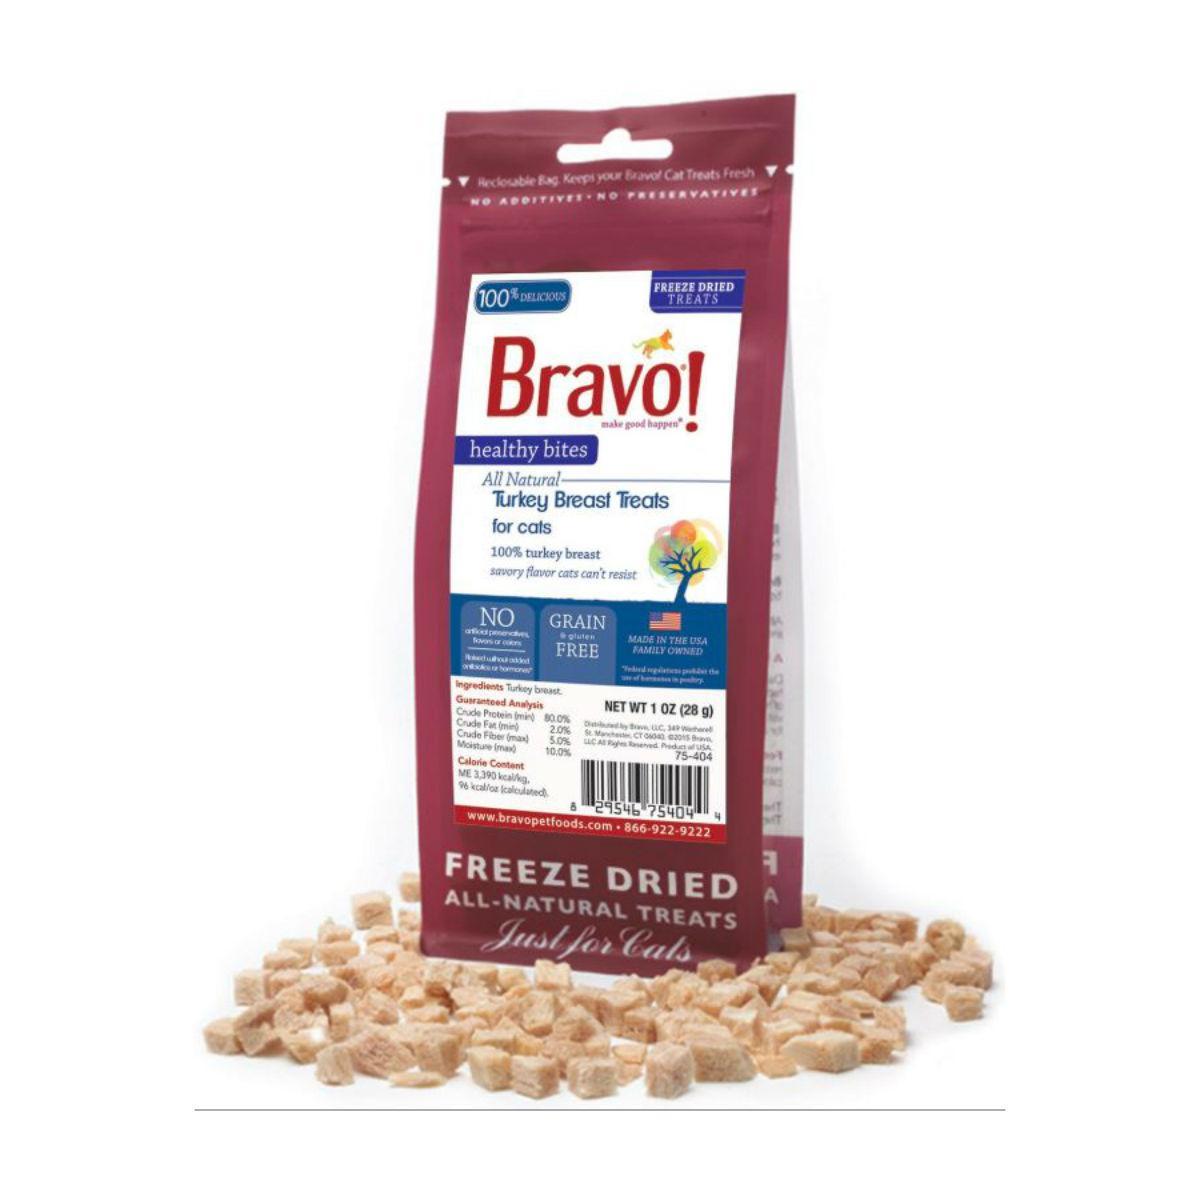 Bravo! Healthy Bites Freeze Dried Cat Treats - Turkey Breast